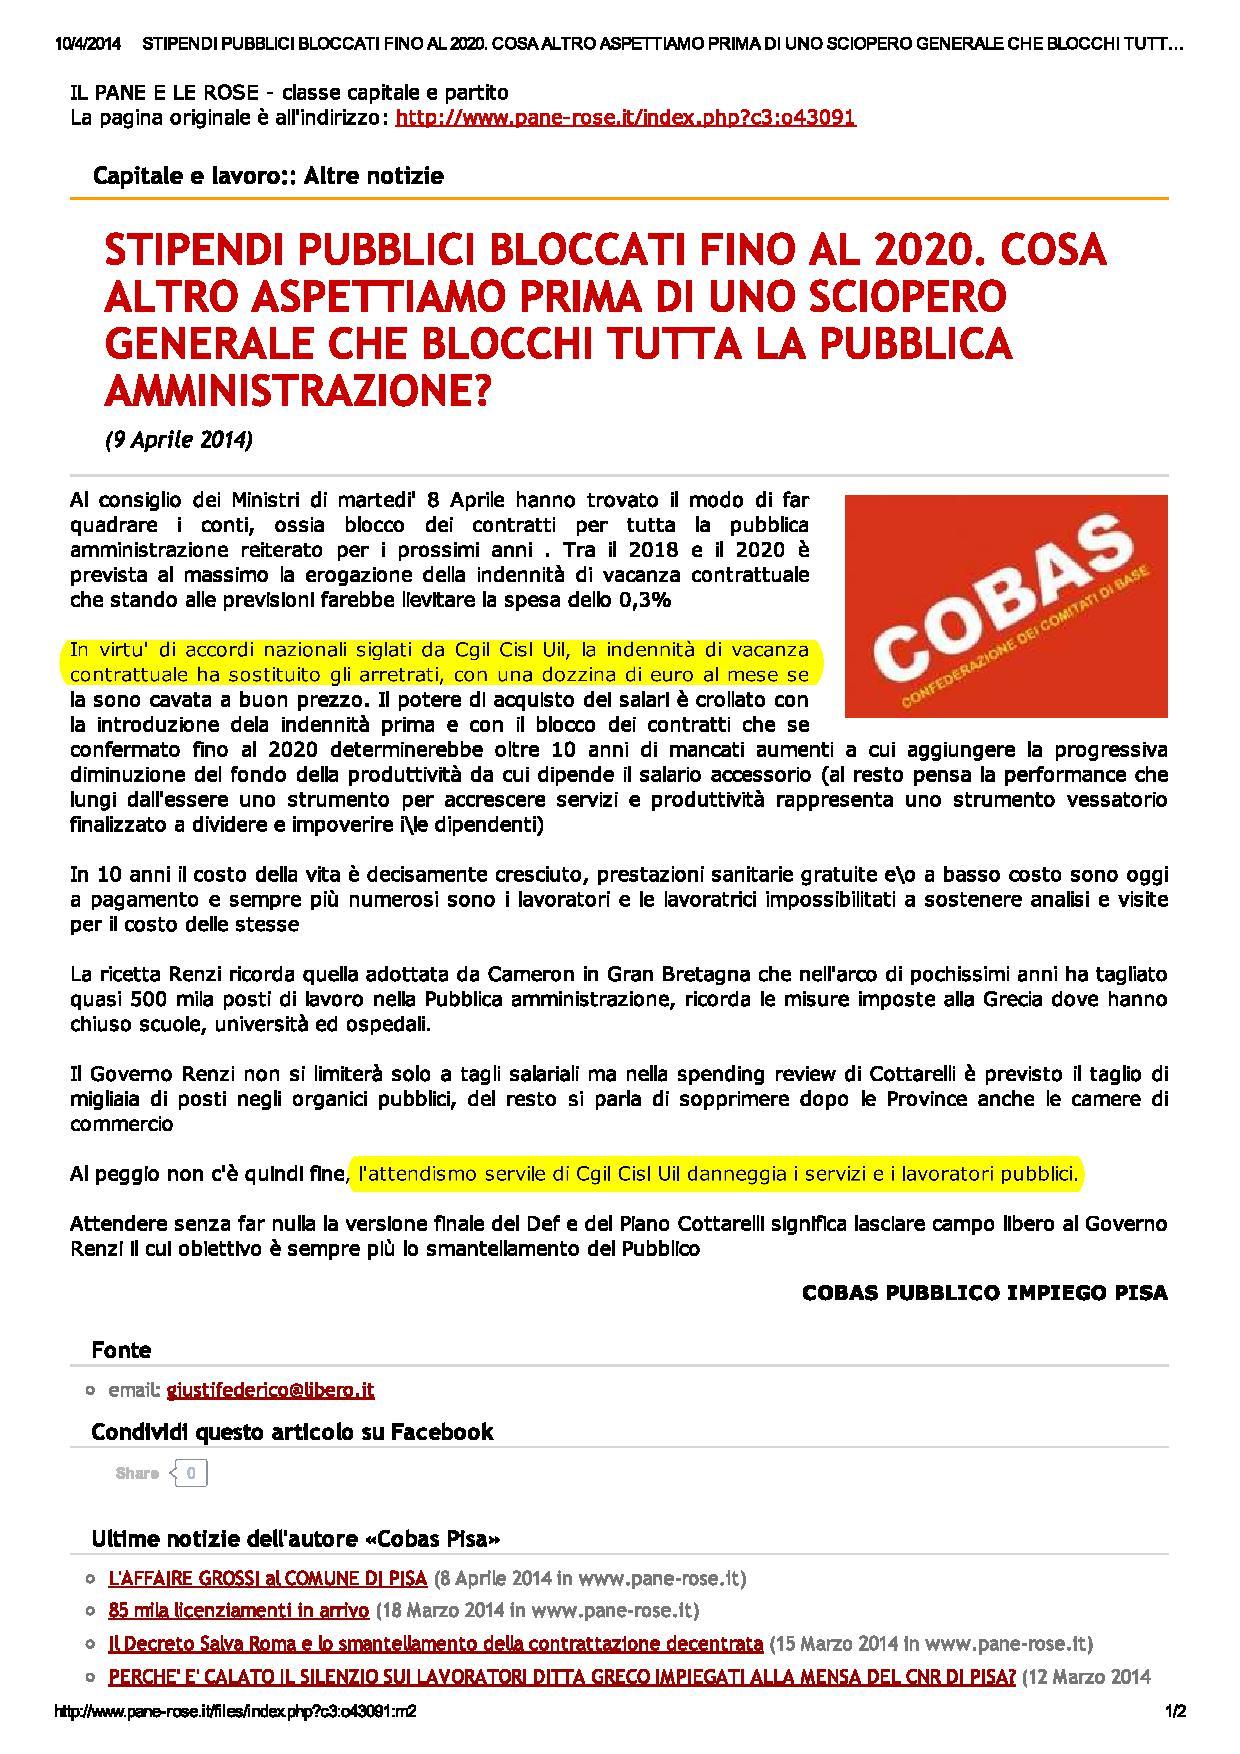 STIPENDI_PUBBLICI_BLOCCA..._capitale_e_partito